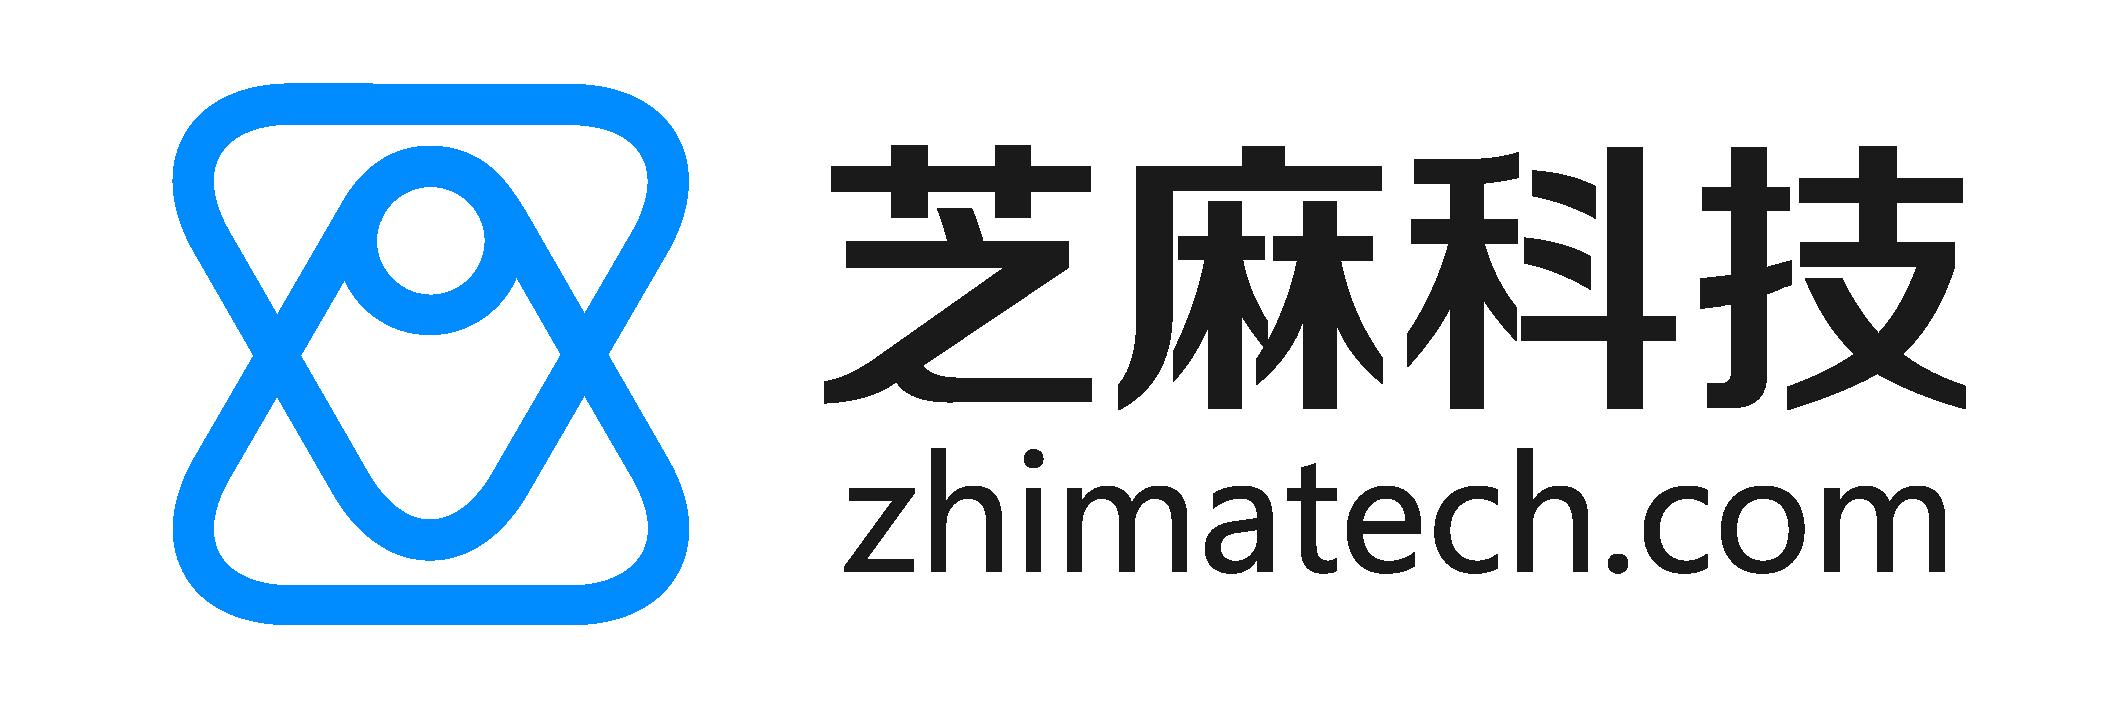 zhimatechロゴ